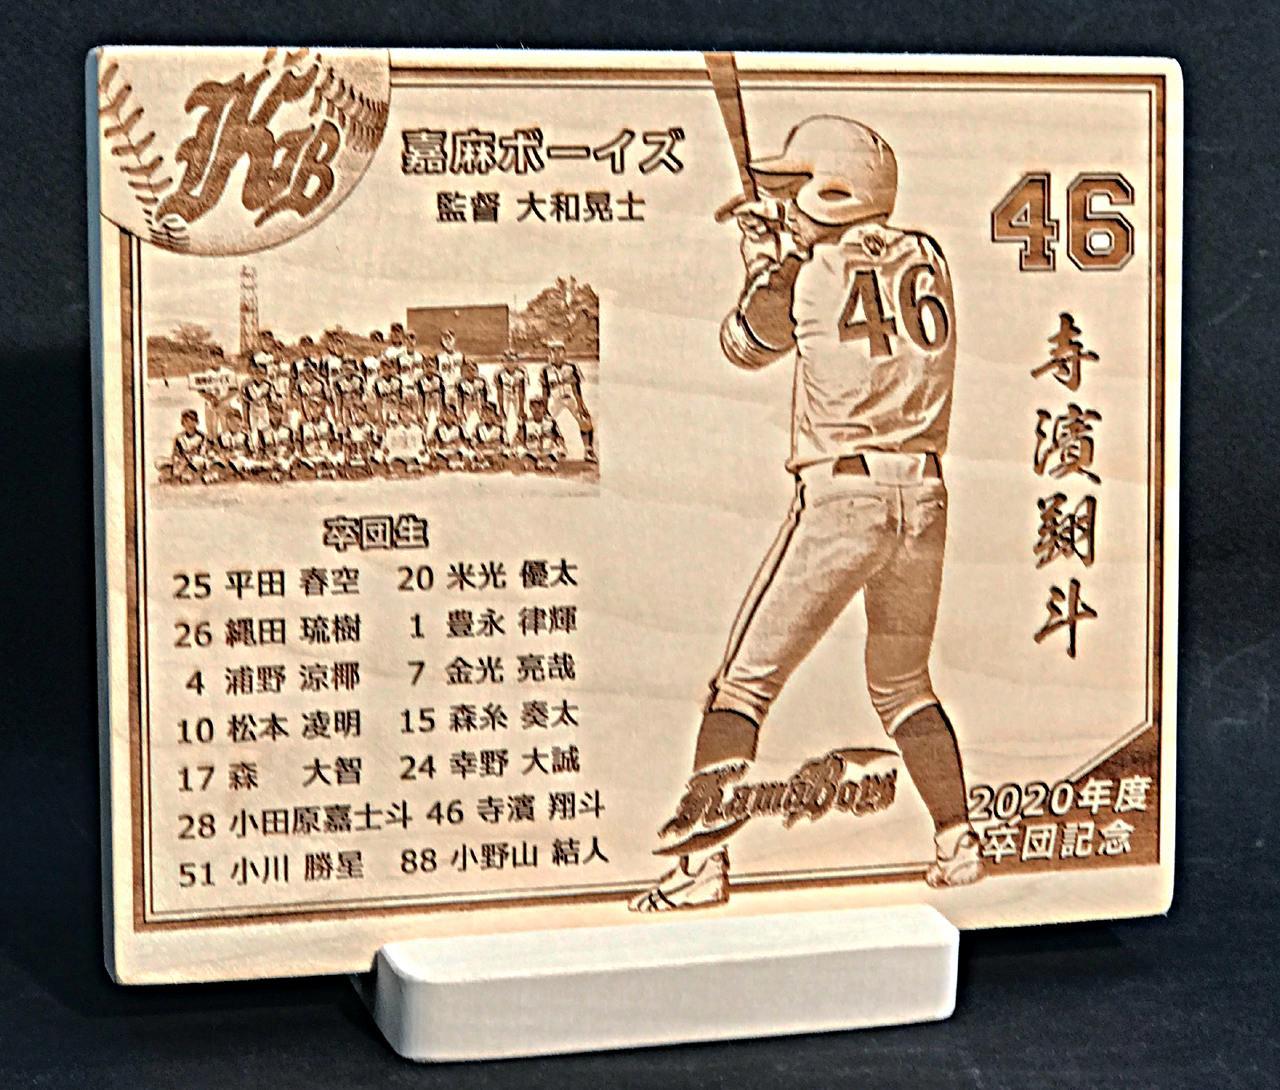 人気の野球記念品 卒業記念品